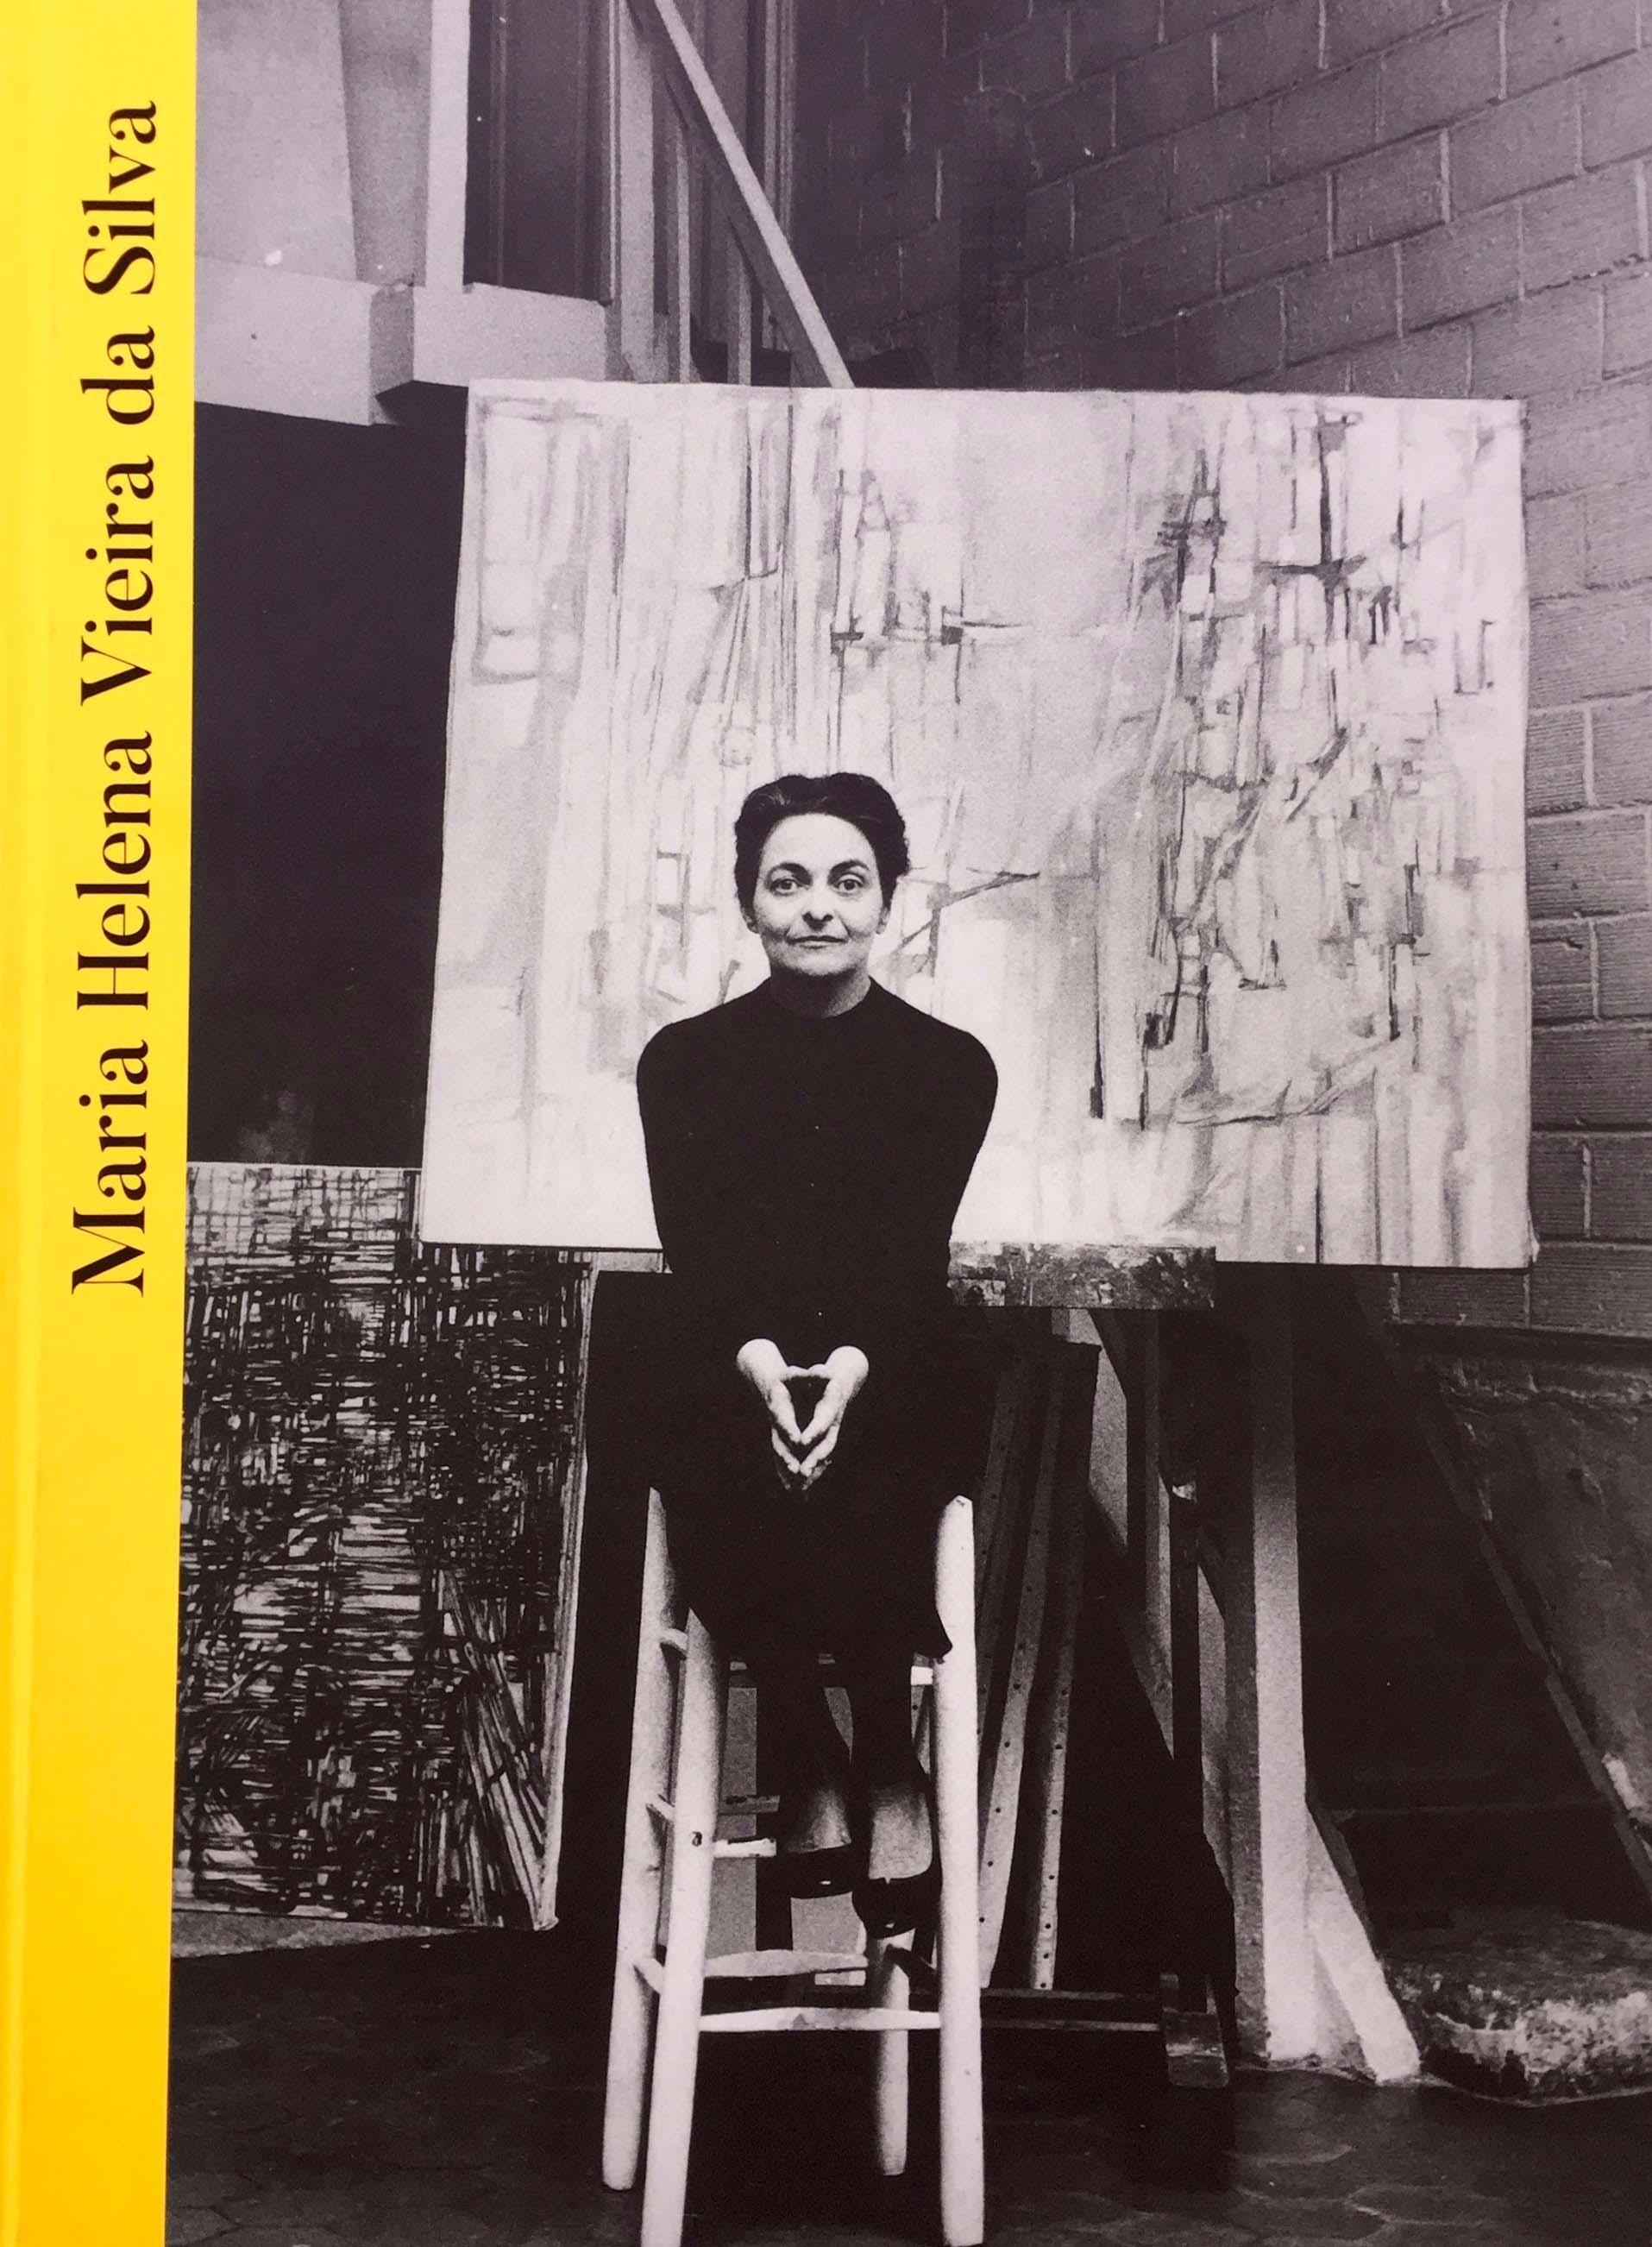 Edition Galerie Jeanne Bucher Jaeger